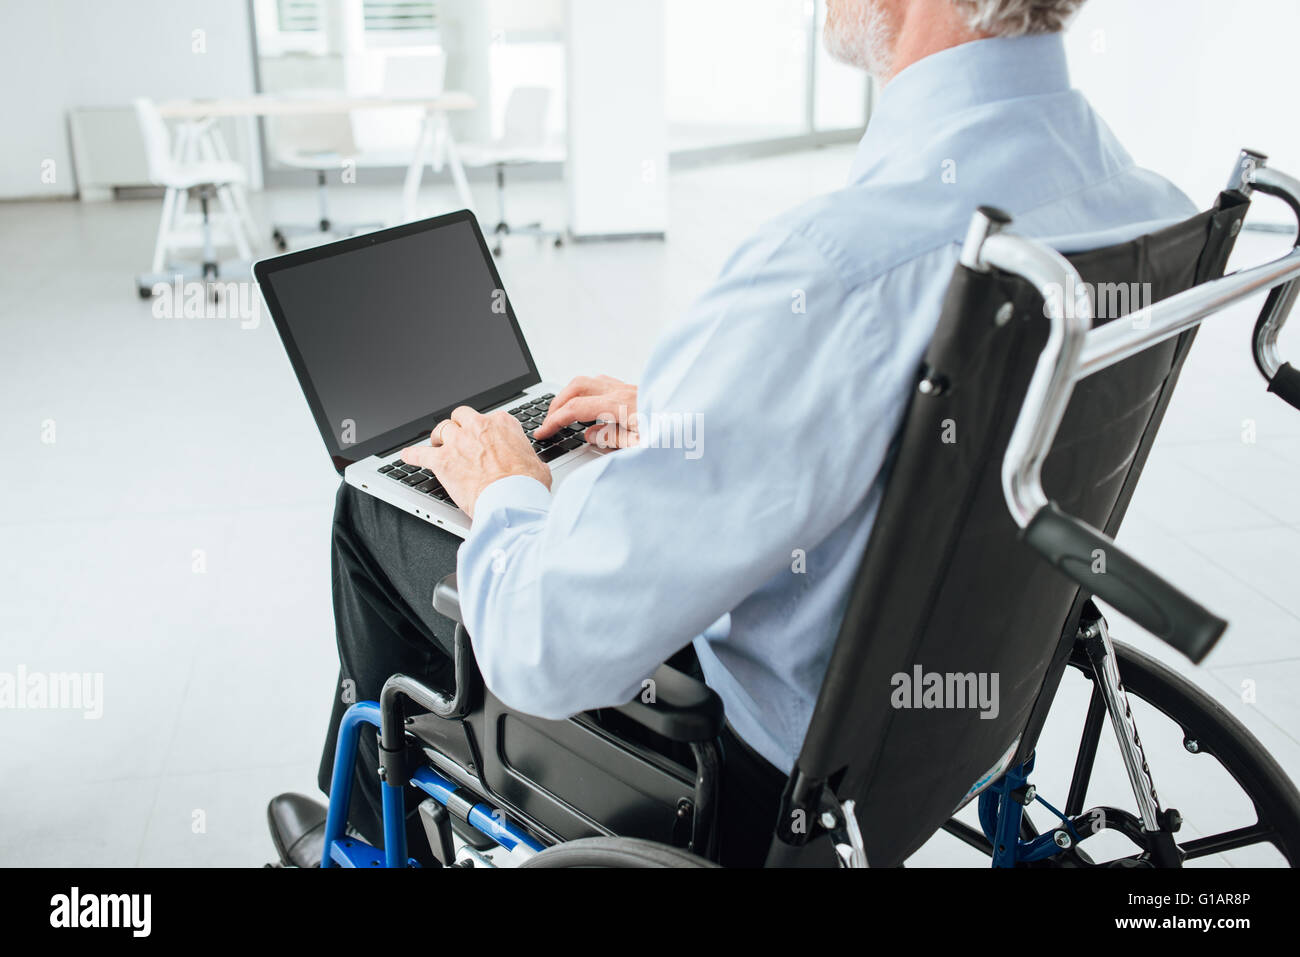 Imprenditore aziendale in sedia utilizzando un computer portatile e di networking, irriconoscibile persona Immagini Stock